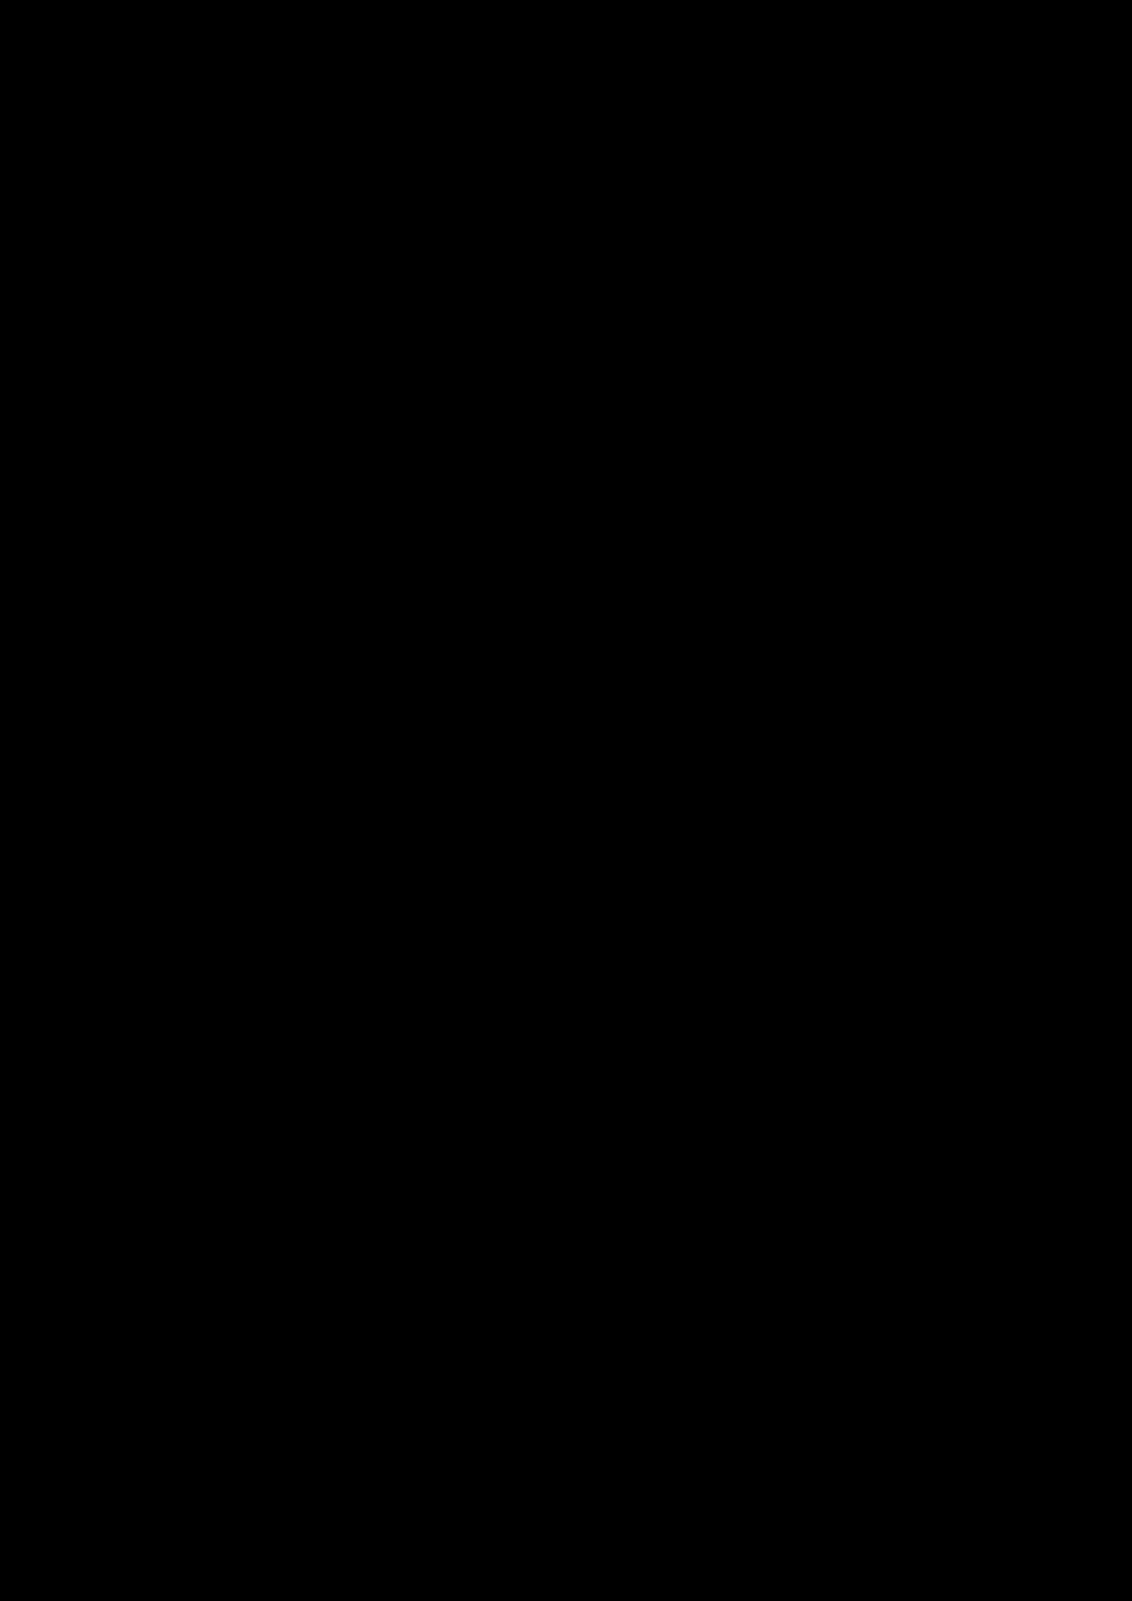 Osobyiy rezon slide, Image 10